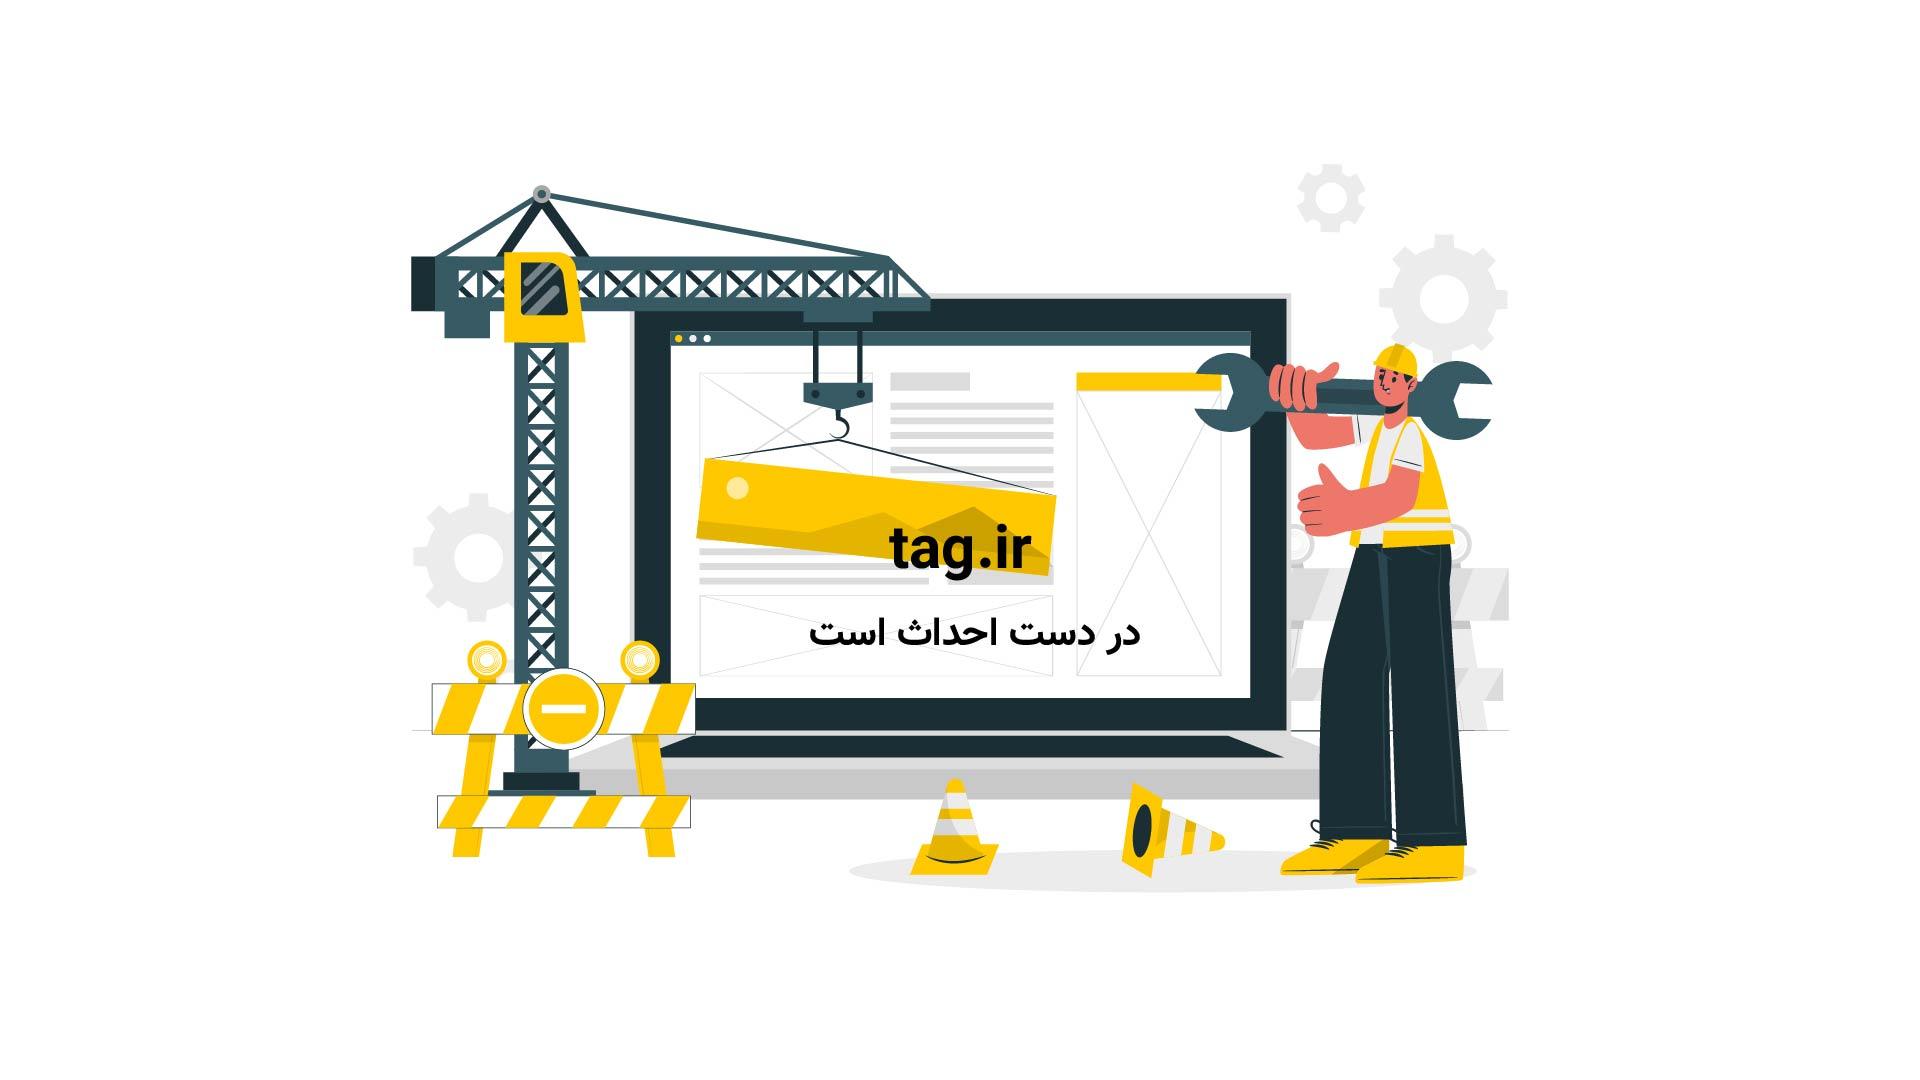 تکنیک های کاربردی در نقاشی کشیدن با آبرنگ | فیلم